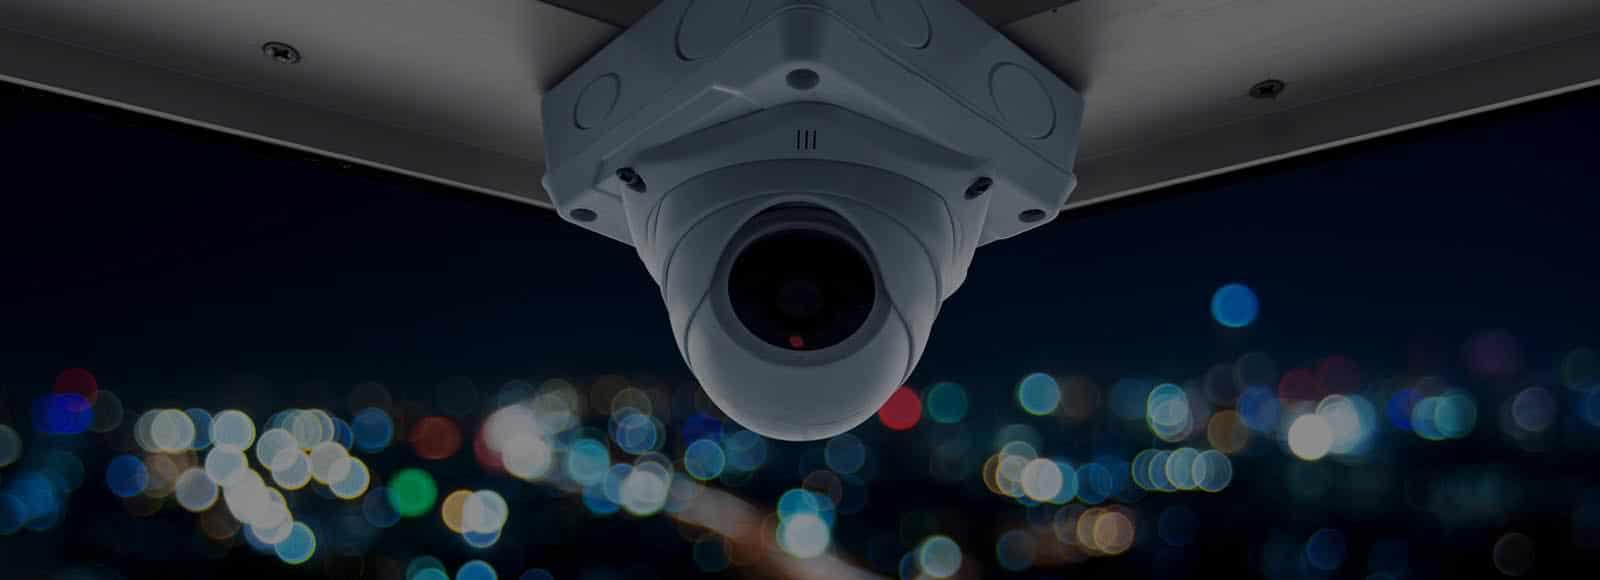 خدمات تخصصی دوربین مداربسته